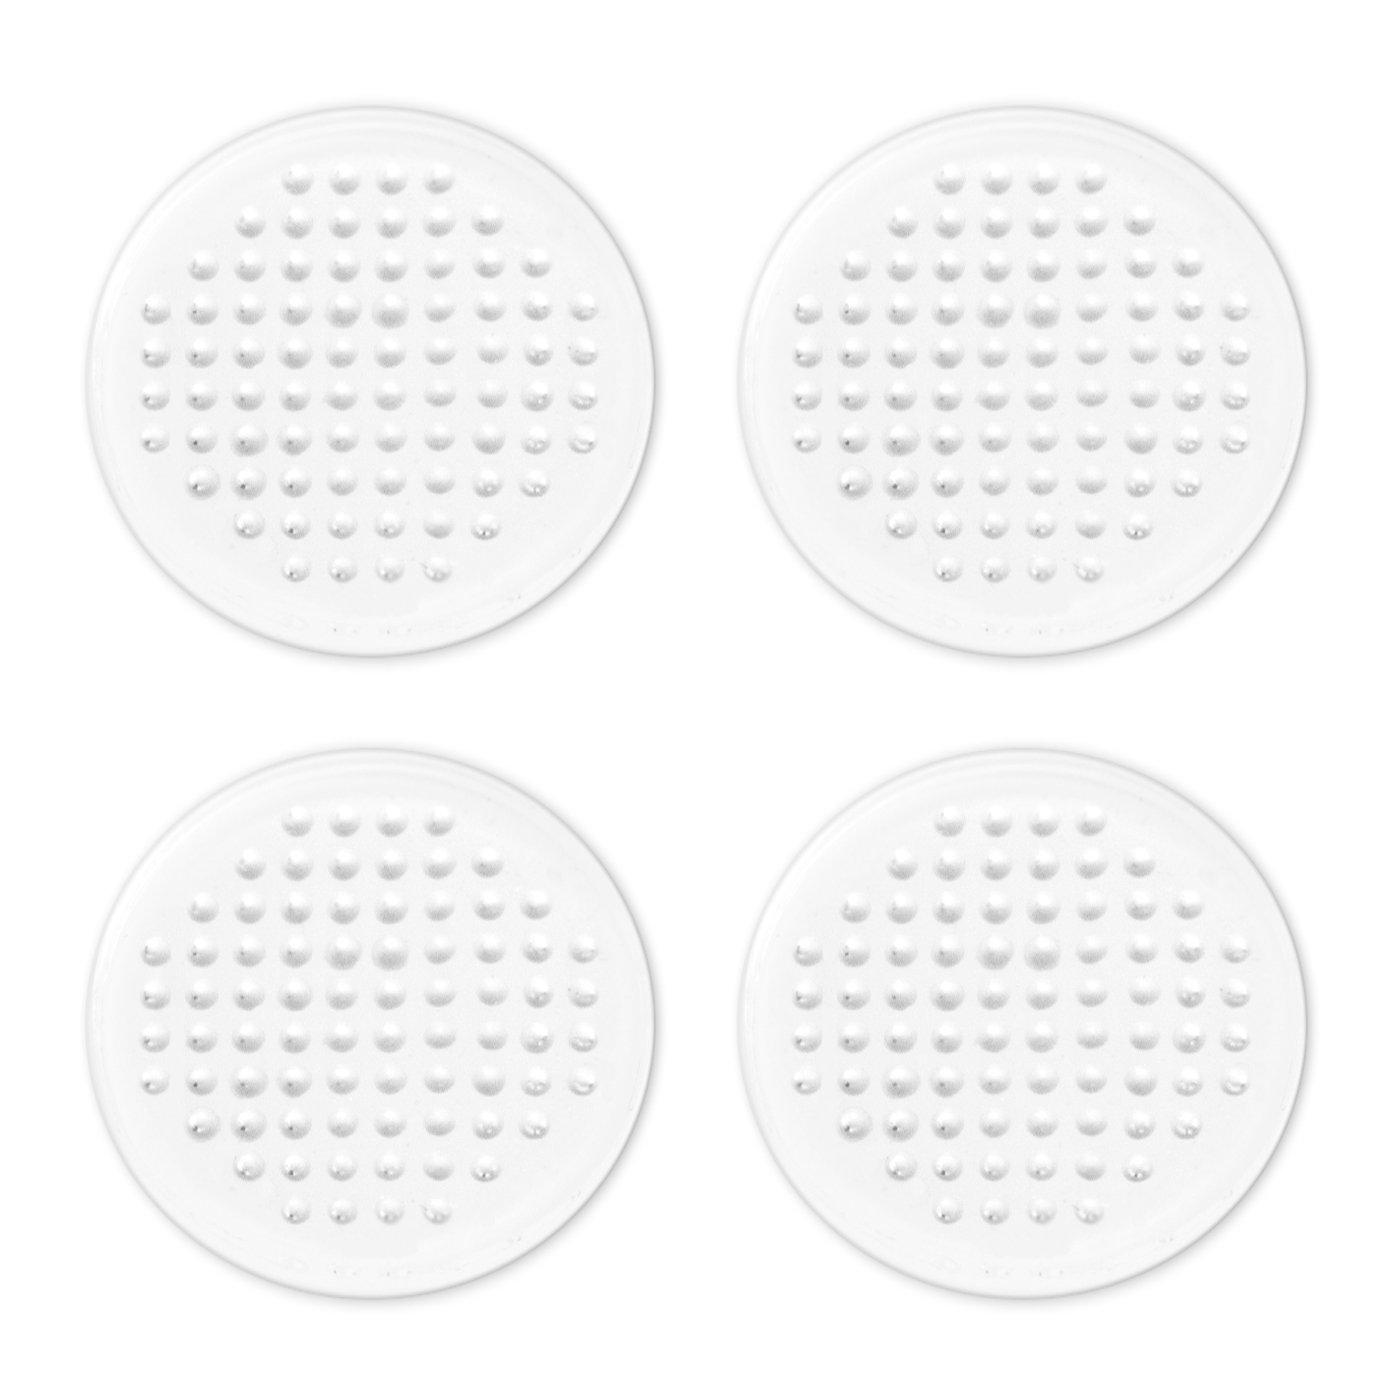 4 Bollini Adesivi Antiscivolo Trasparenti in Silicone | Removibili e Riutilizzabili | Pad Antisdrucciolo | Diametro 3cm | H 2mm | Feltrini By Haftplus